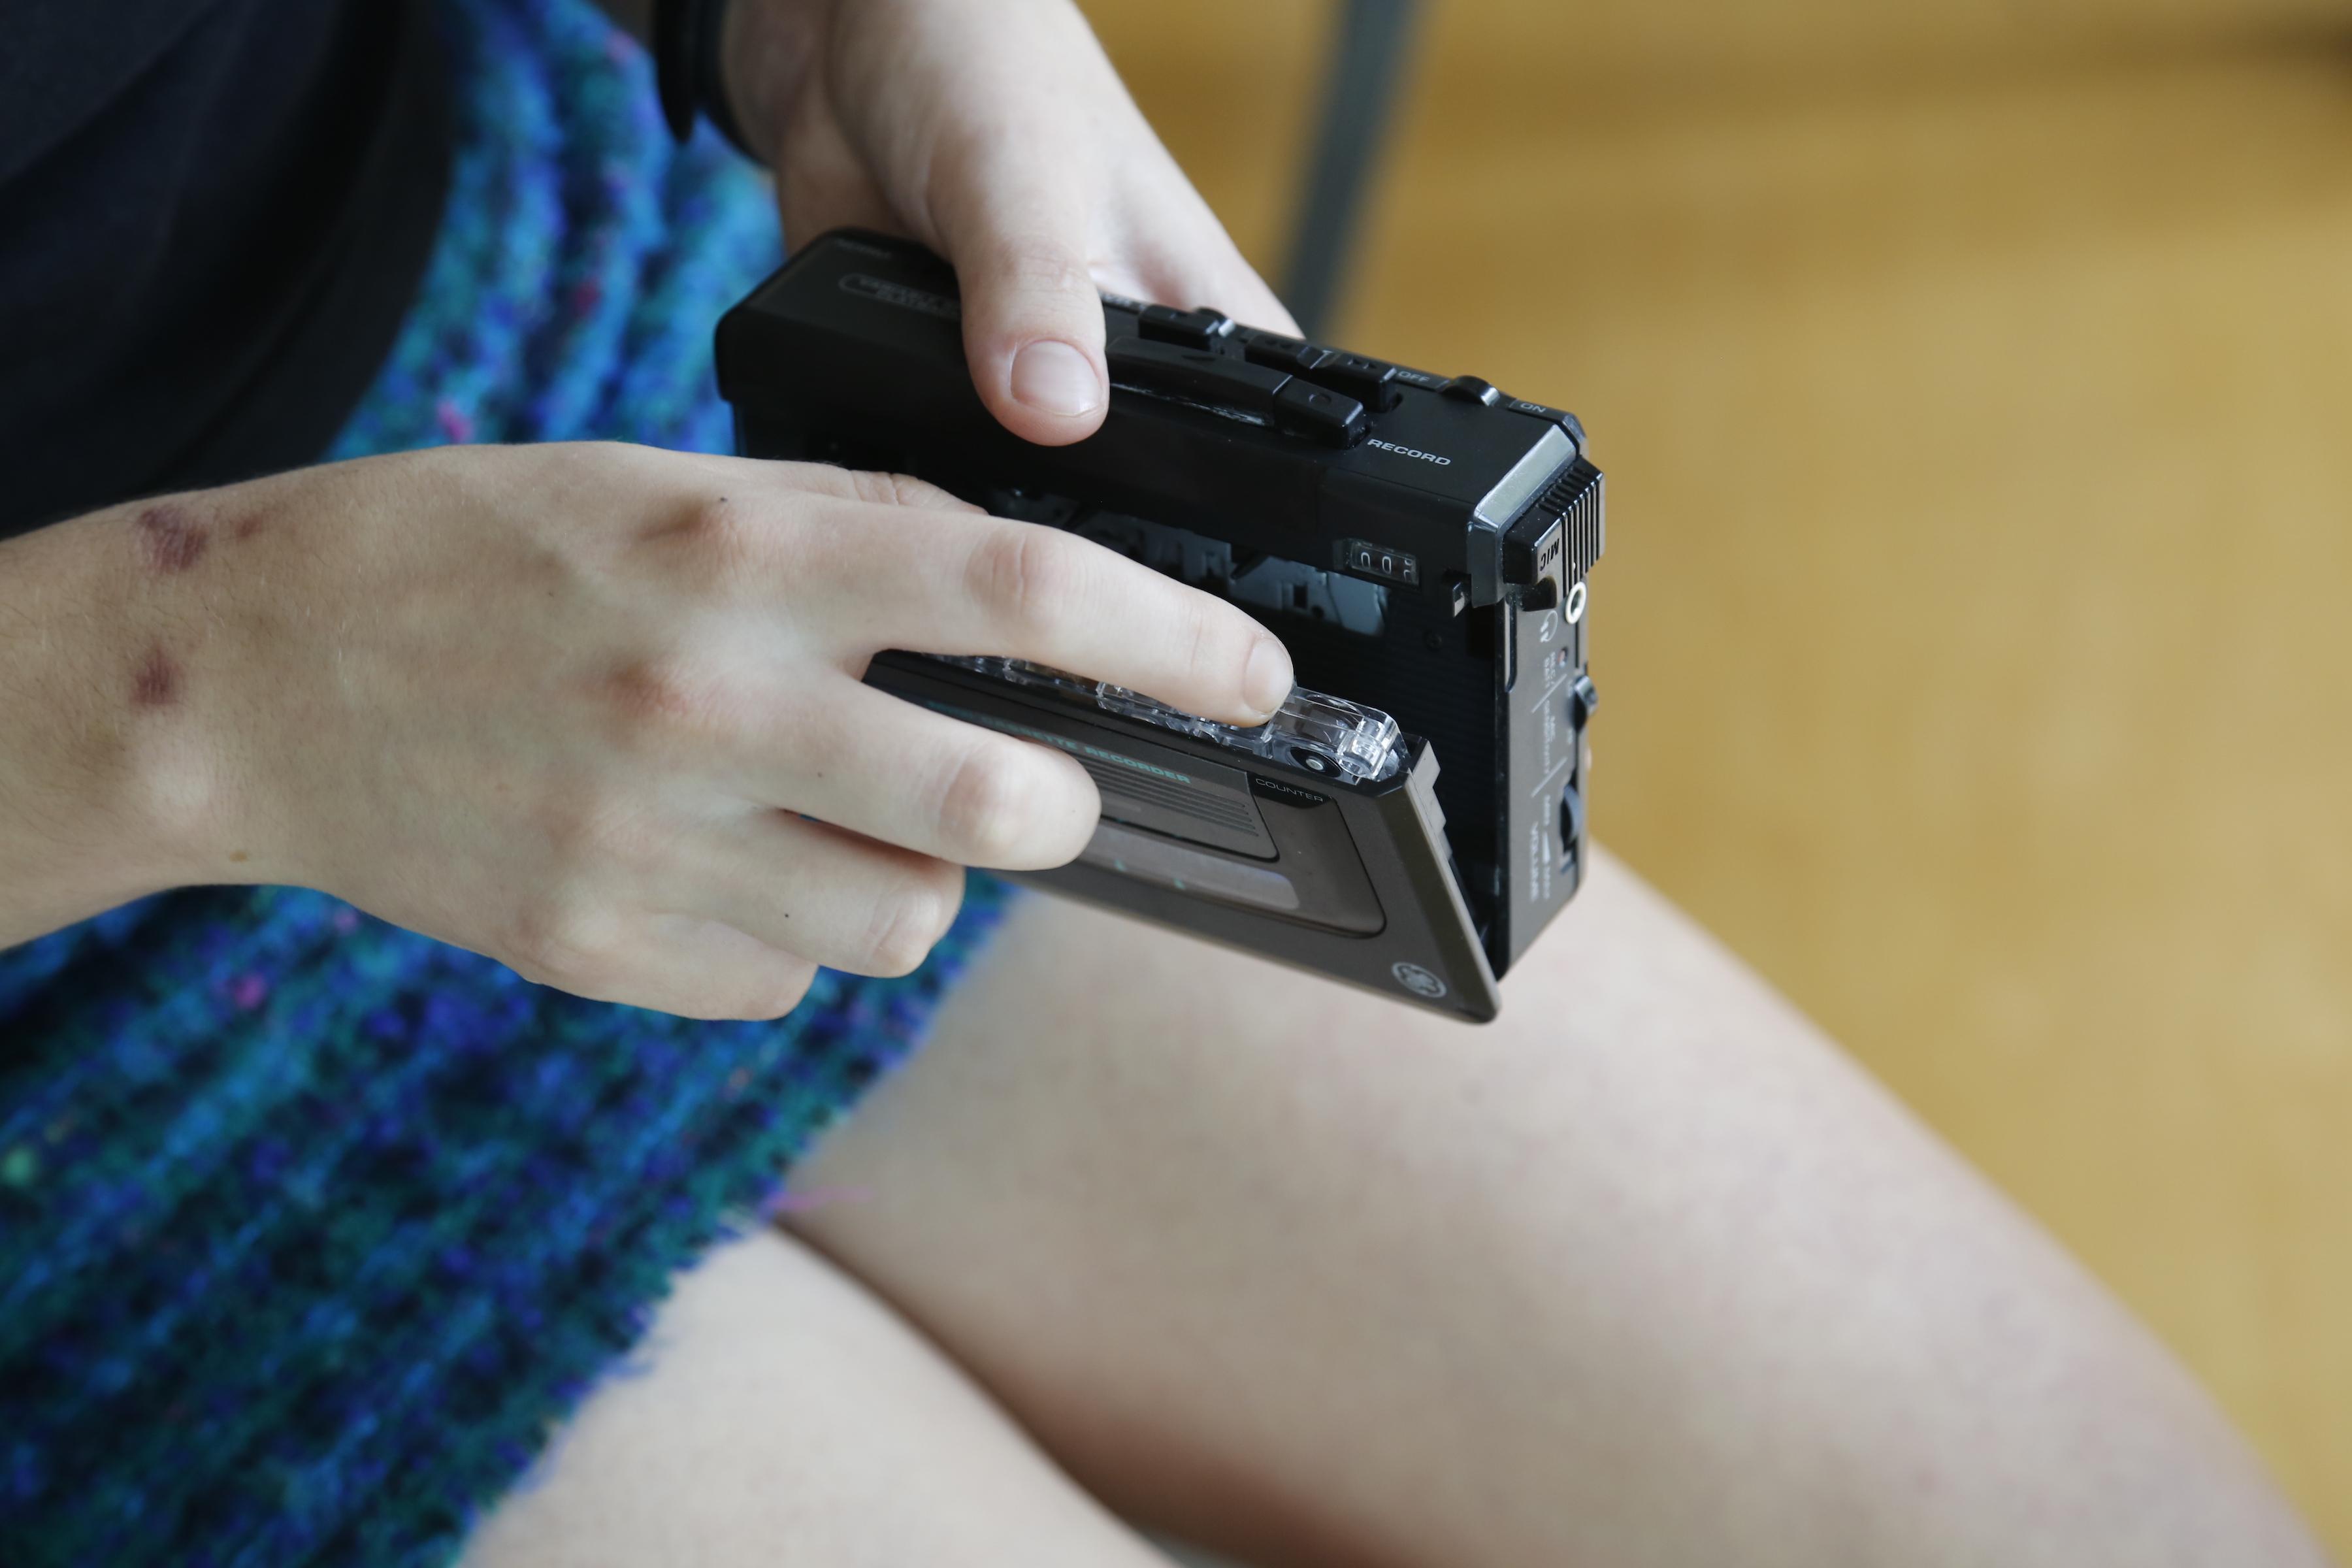 Clara Lou Inserting A Cassette In Tape Deck